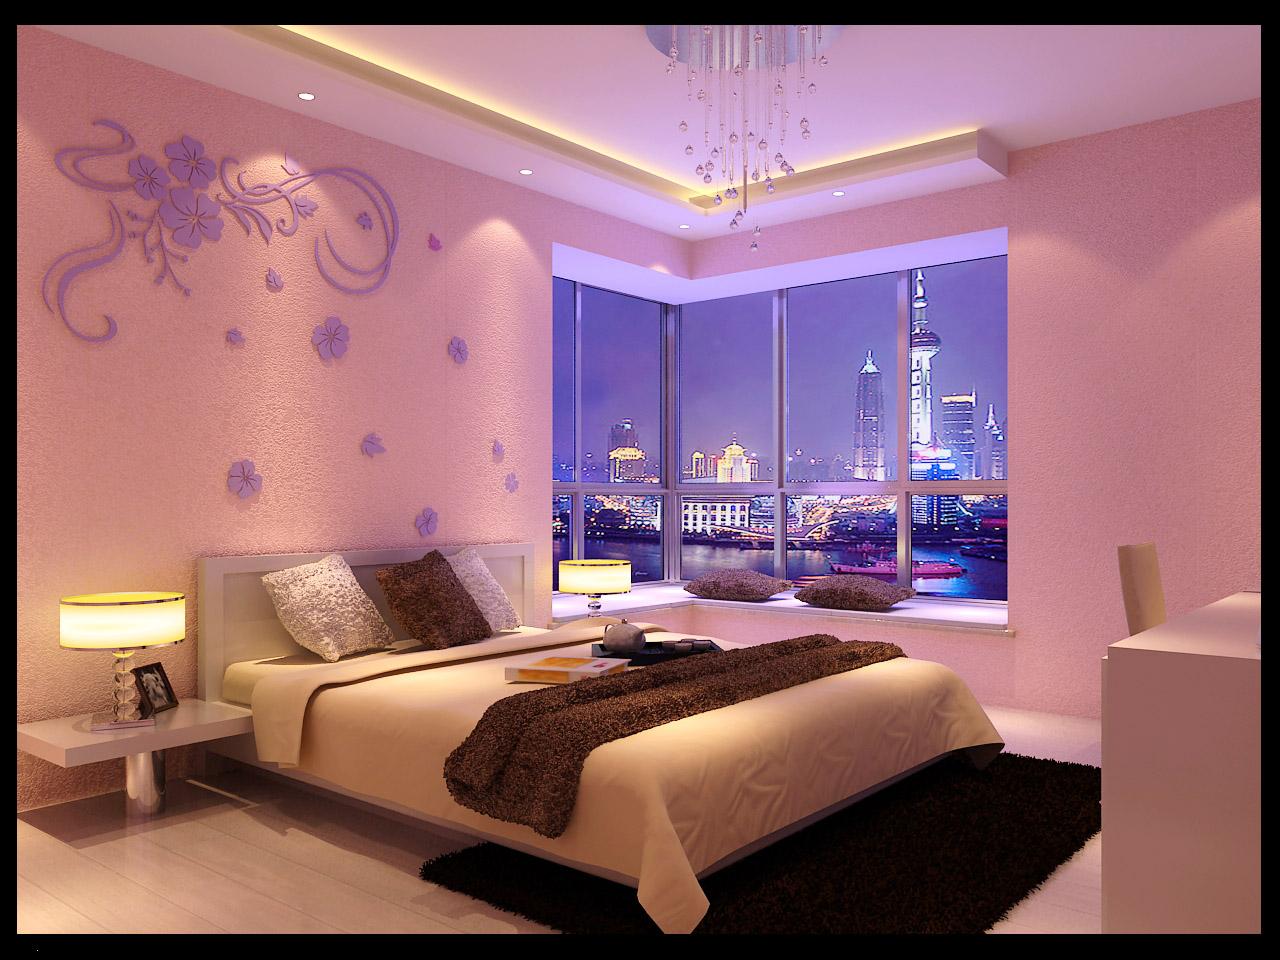 兰舍硅藻泥——现代简约风格卧室背景